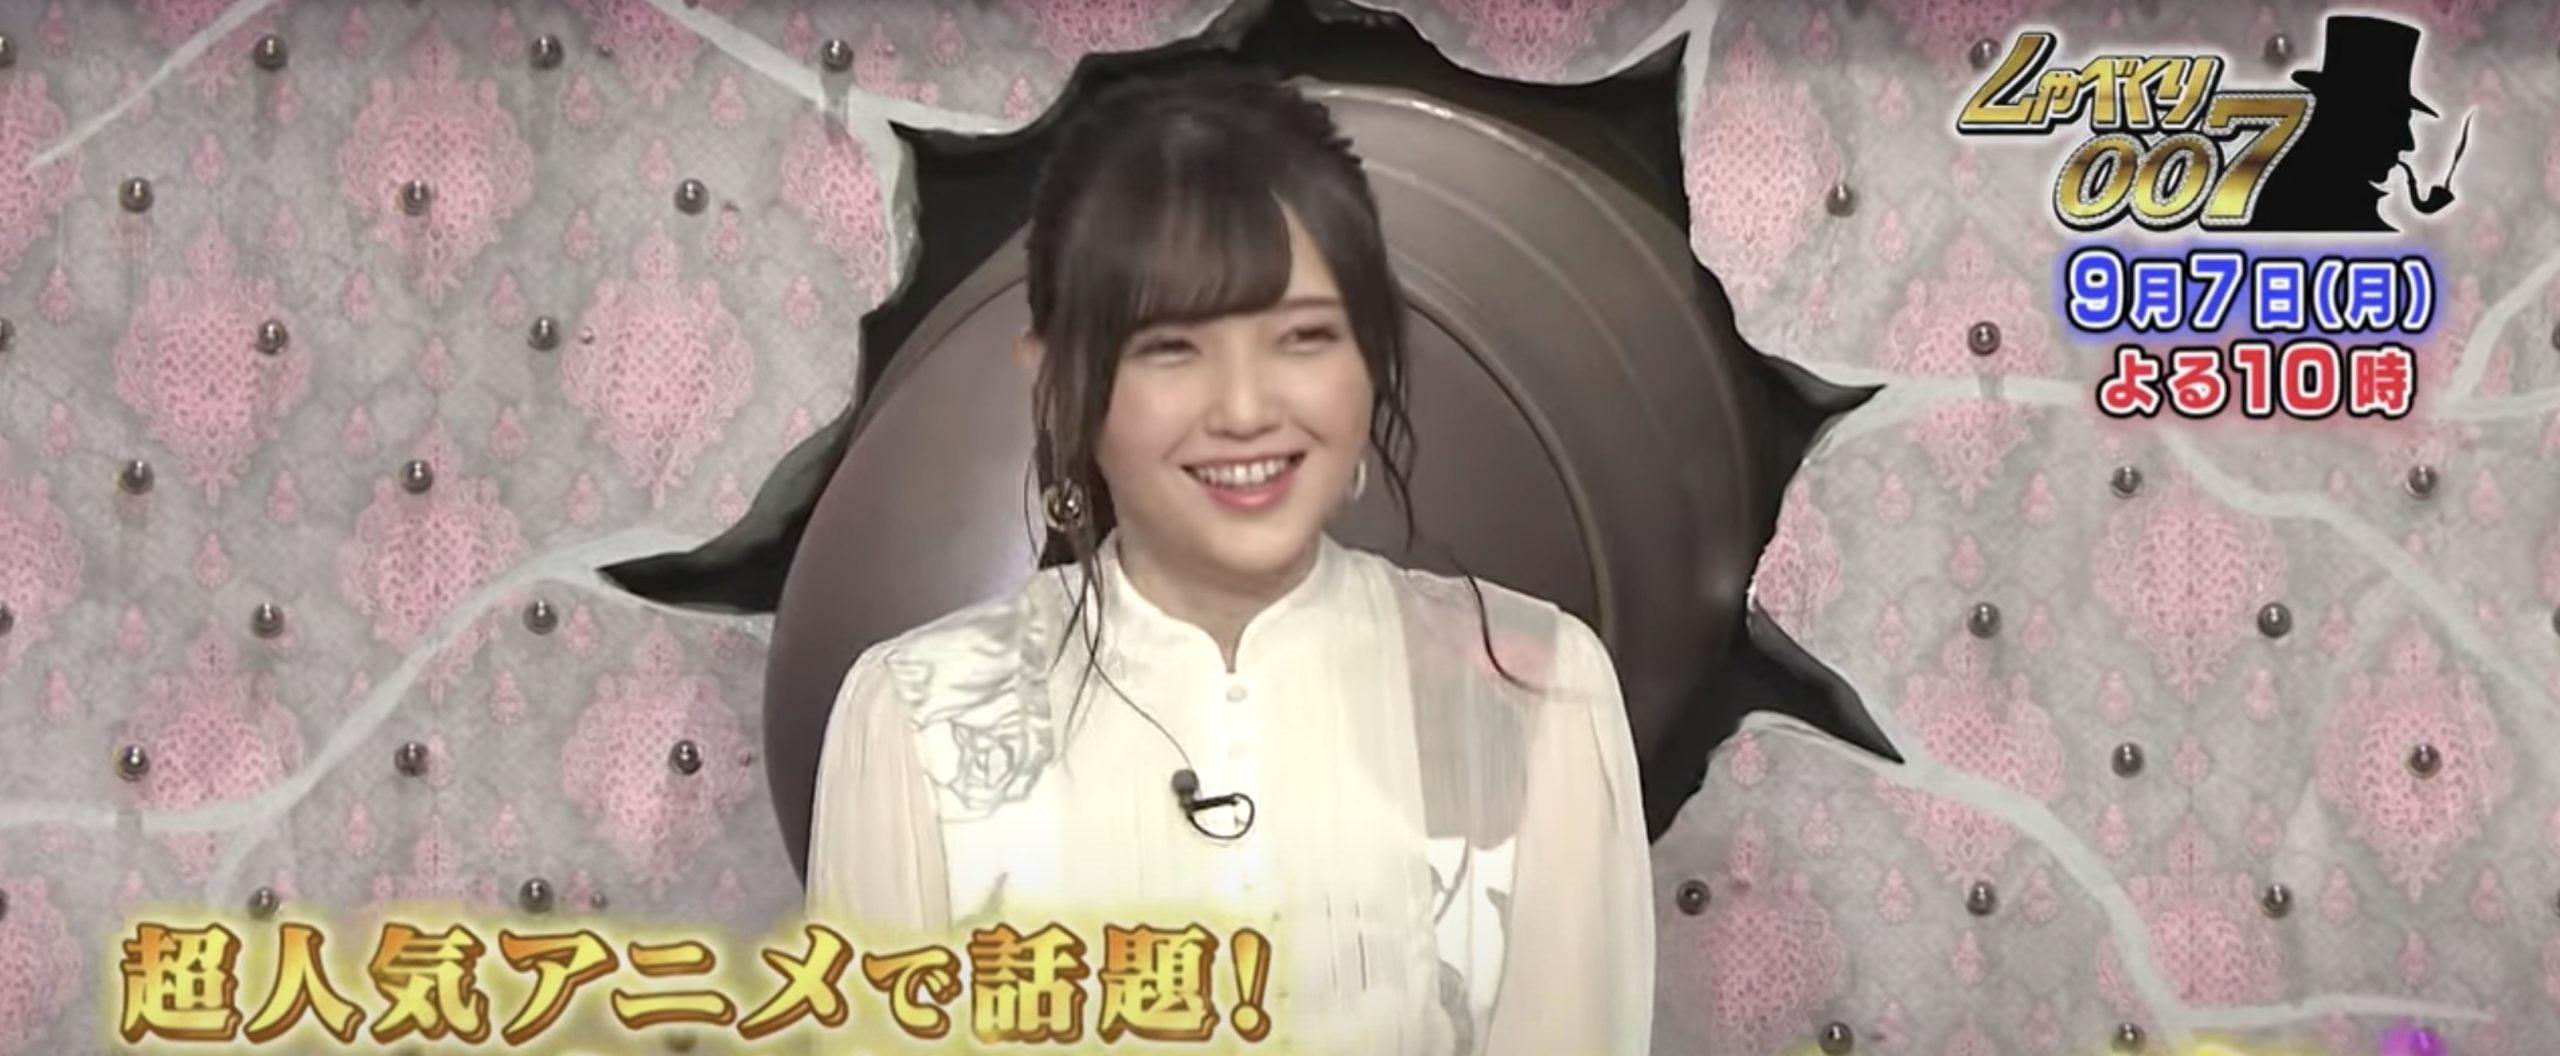 しゃべくり007(鬼頭明里)9月7日の無料動画や見逃し配信を視聴する方法!